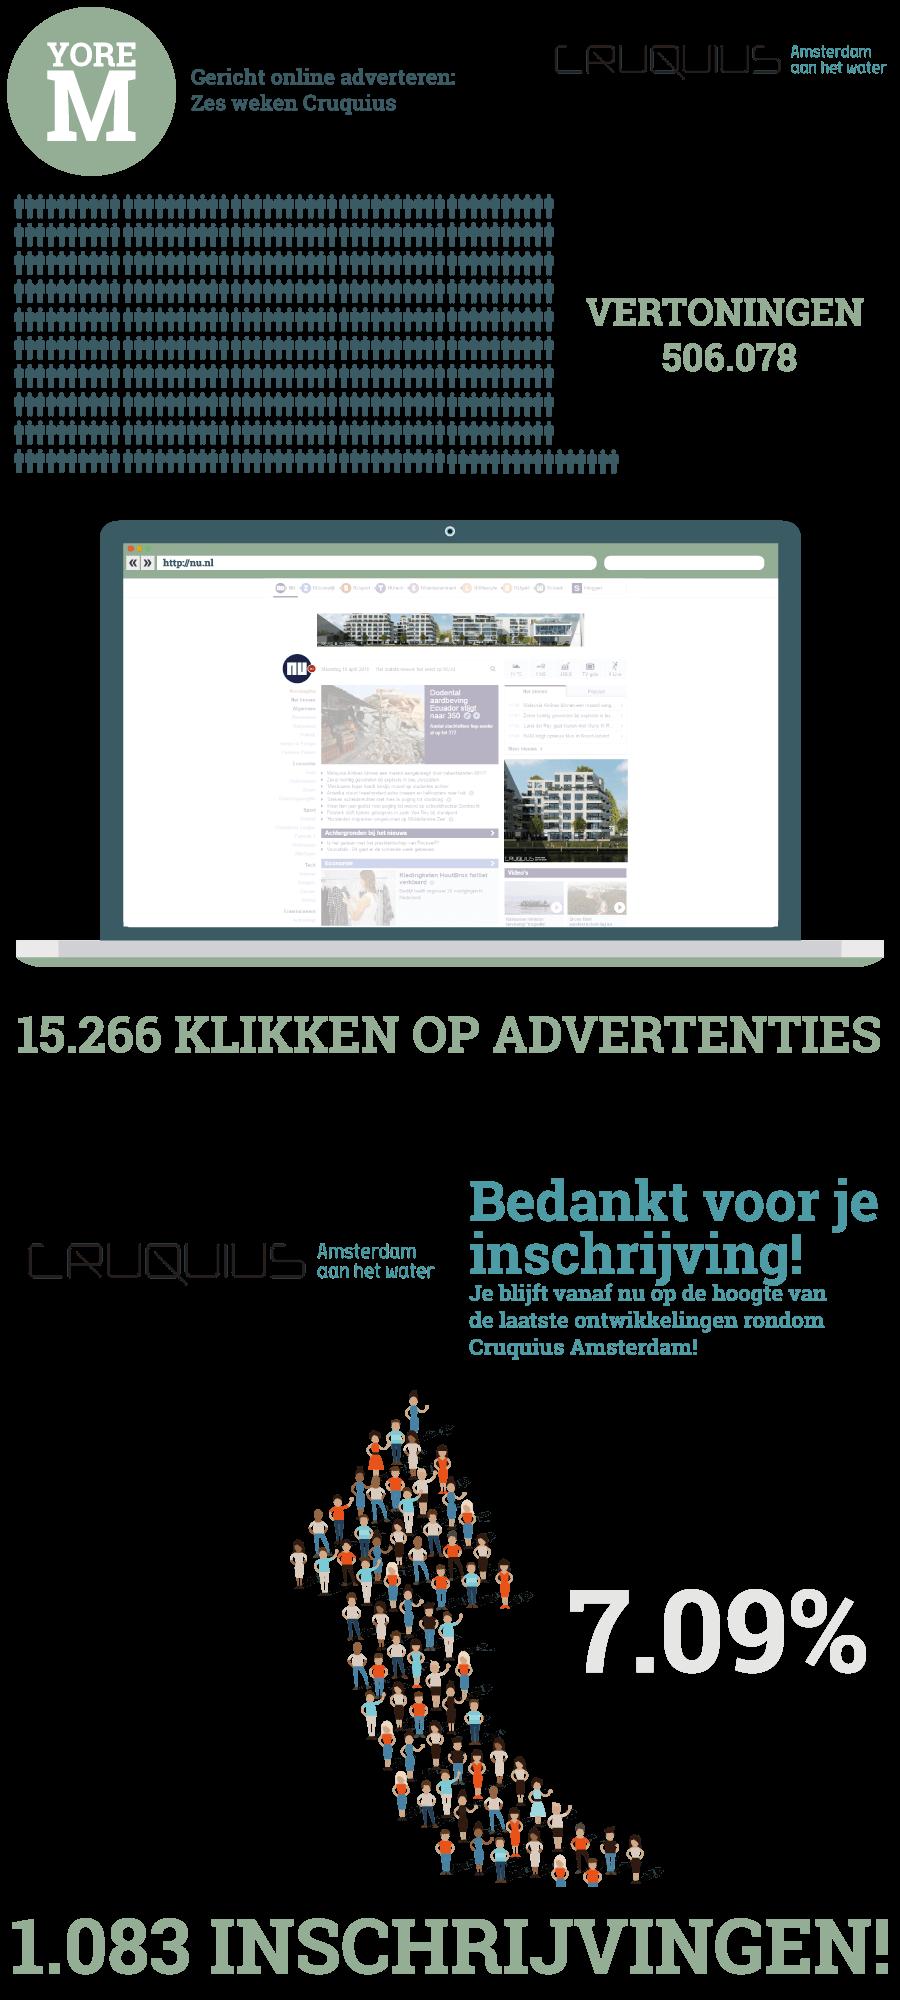 infographic-gericht-online-adverteren-cruquius-6-weken-later-yoreM-Verovert-Online